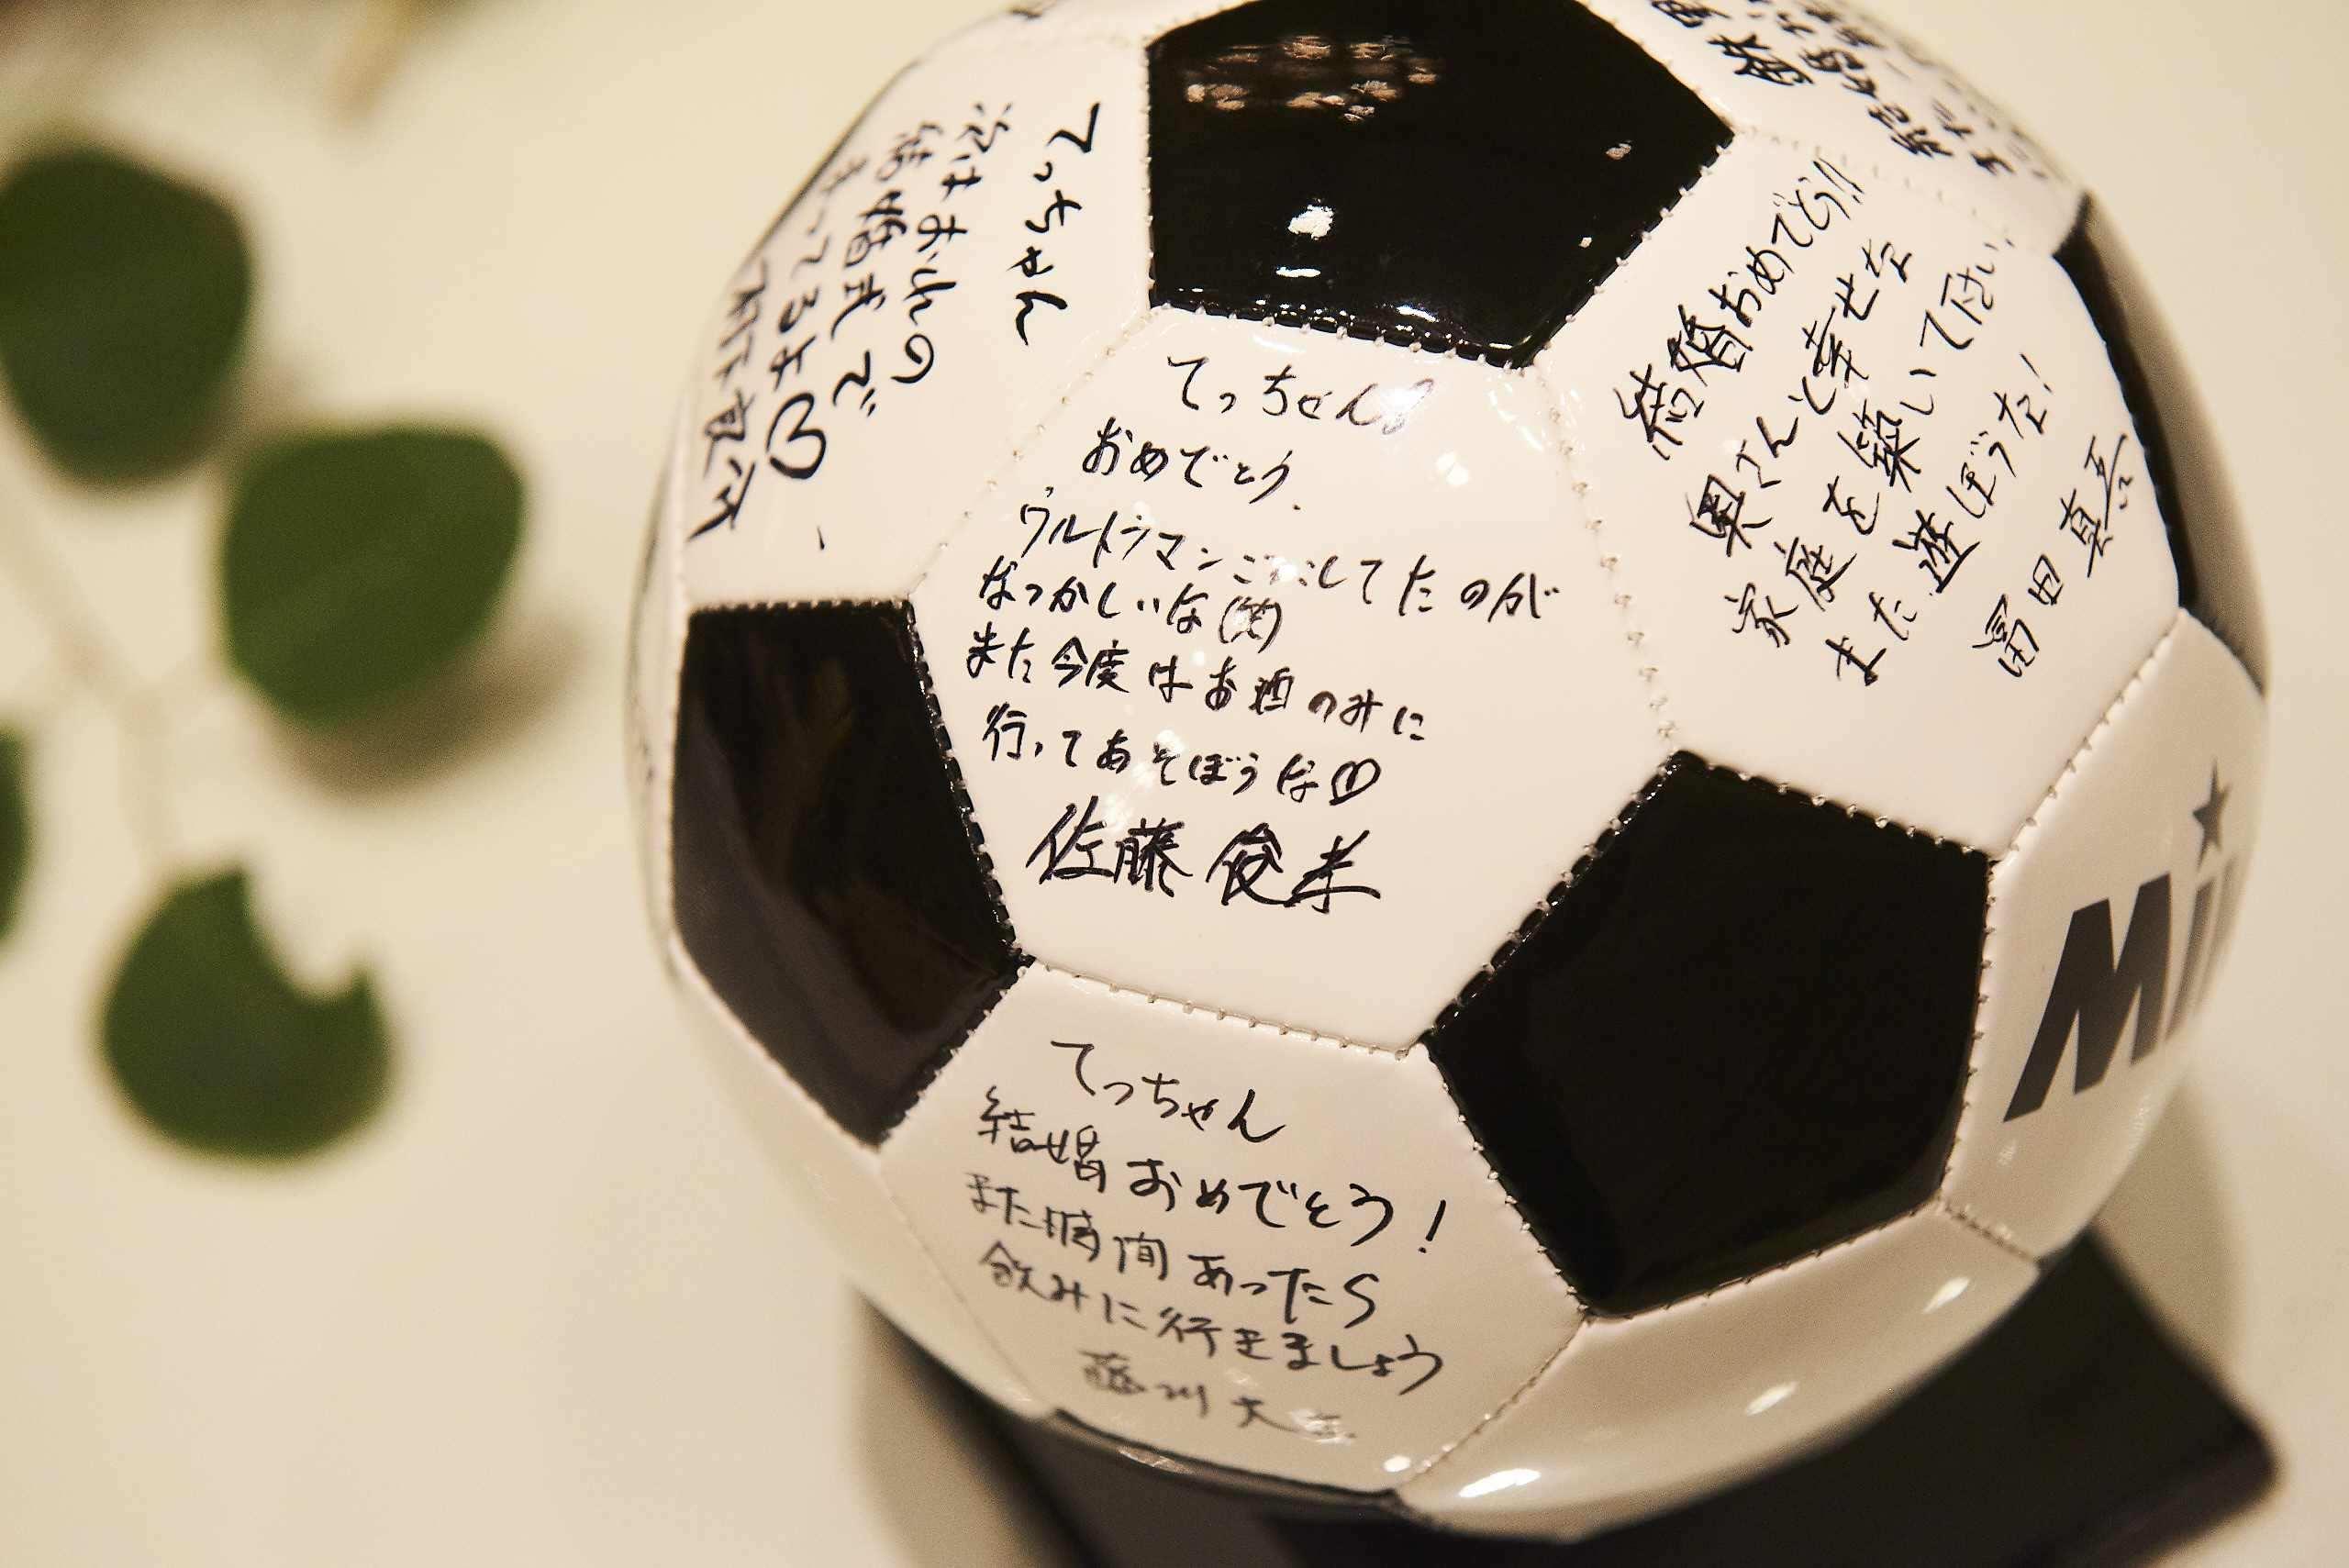 徳島市の結婚式場ブランアンジュで新郎新婦様へ祝福メッセージ入りのボール